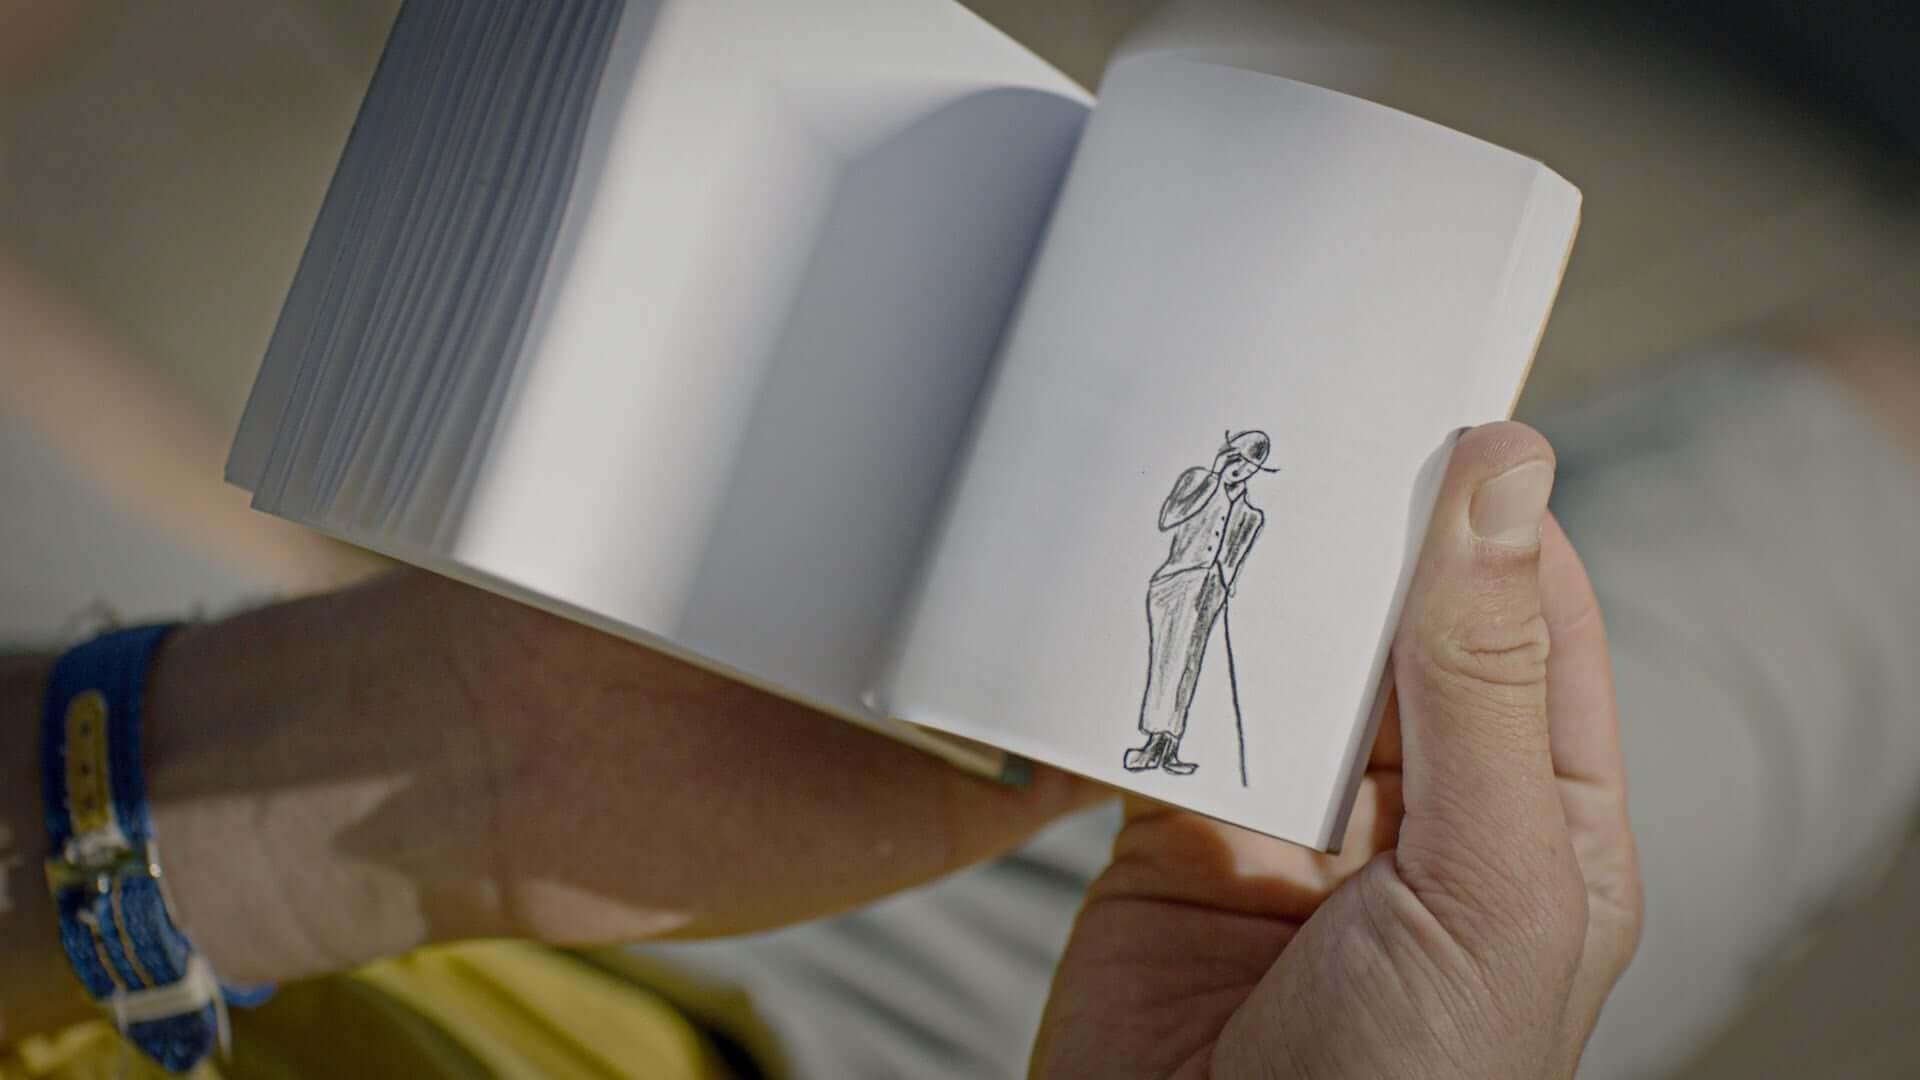 「金はなくても愛がある!」ニル・ベルグマン監督最新作『旅立つ息子へ』新場面写真が解禁 film210216_musukoe_4-1920x1080